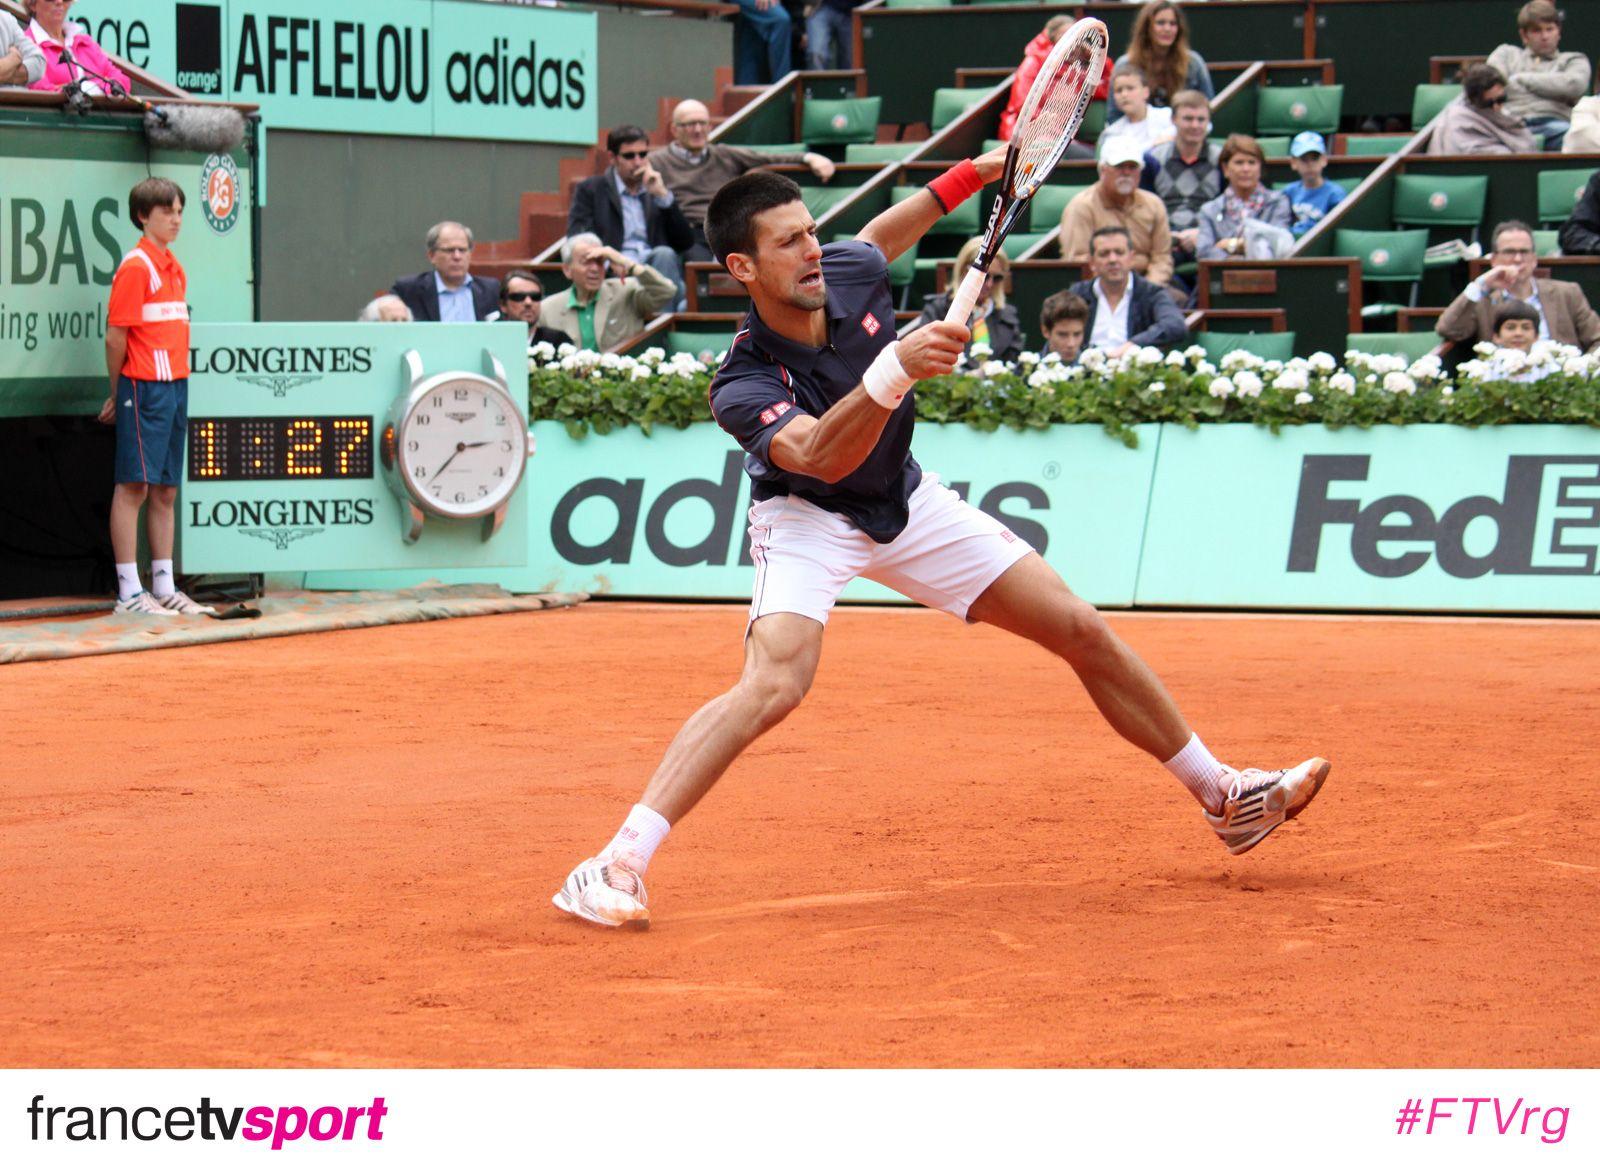 Novak Djokovic a connu des problèmes et est passé tout